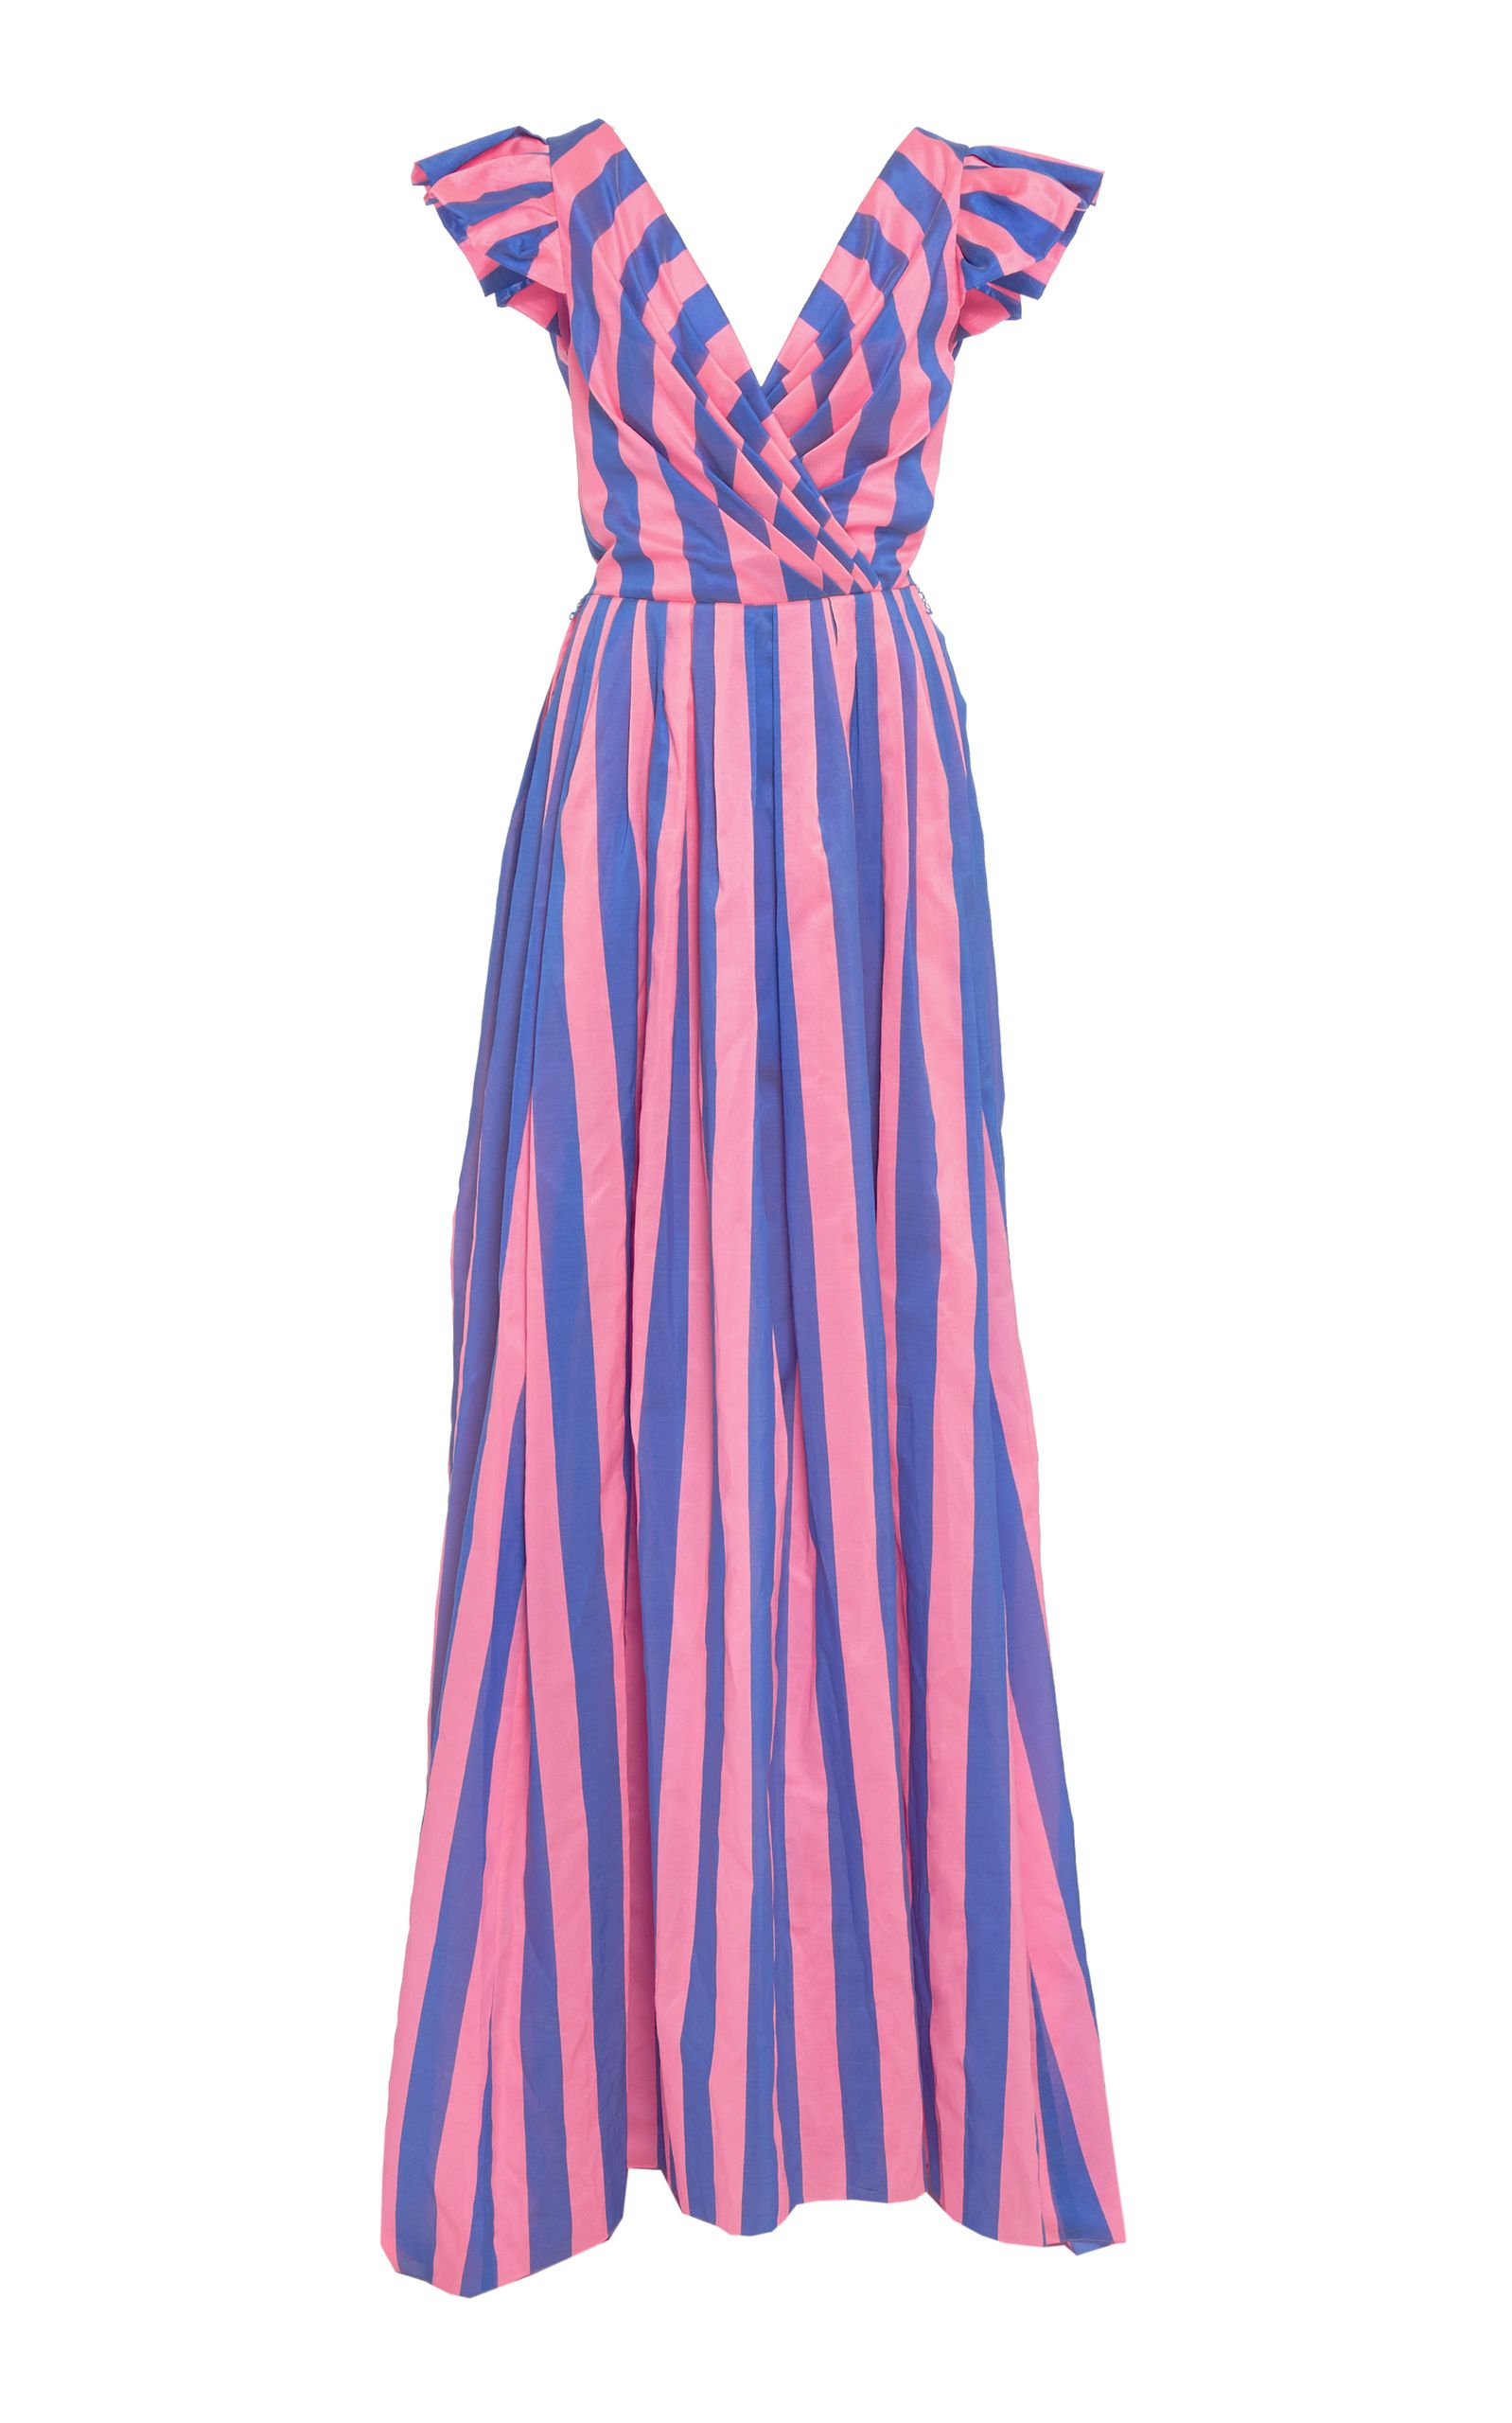 Asombroso Vestidos De Dama Tropicales Embellecimiento - Colección de ...